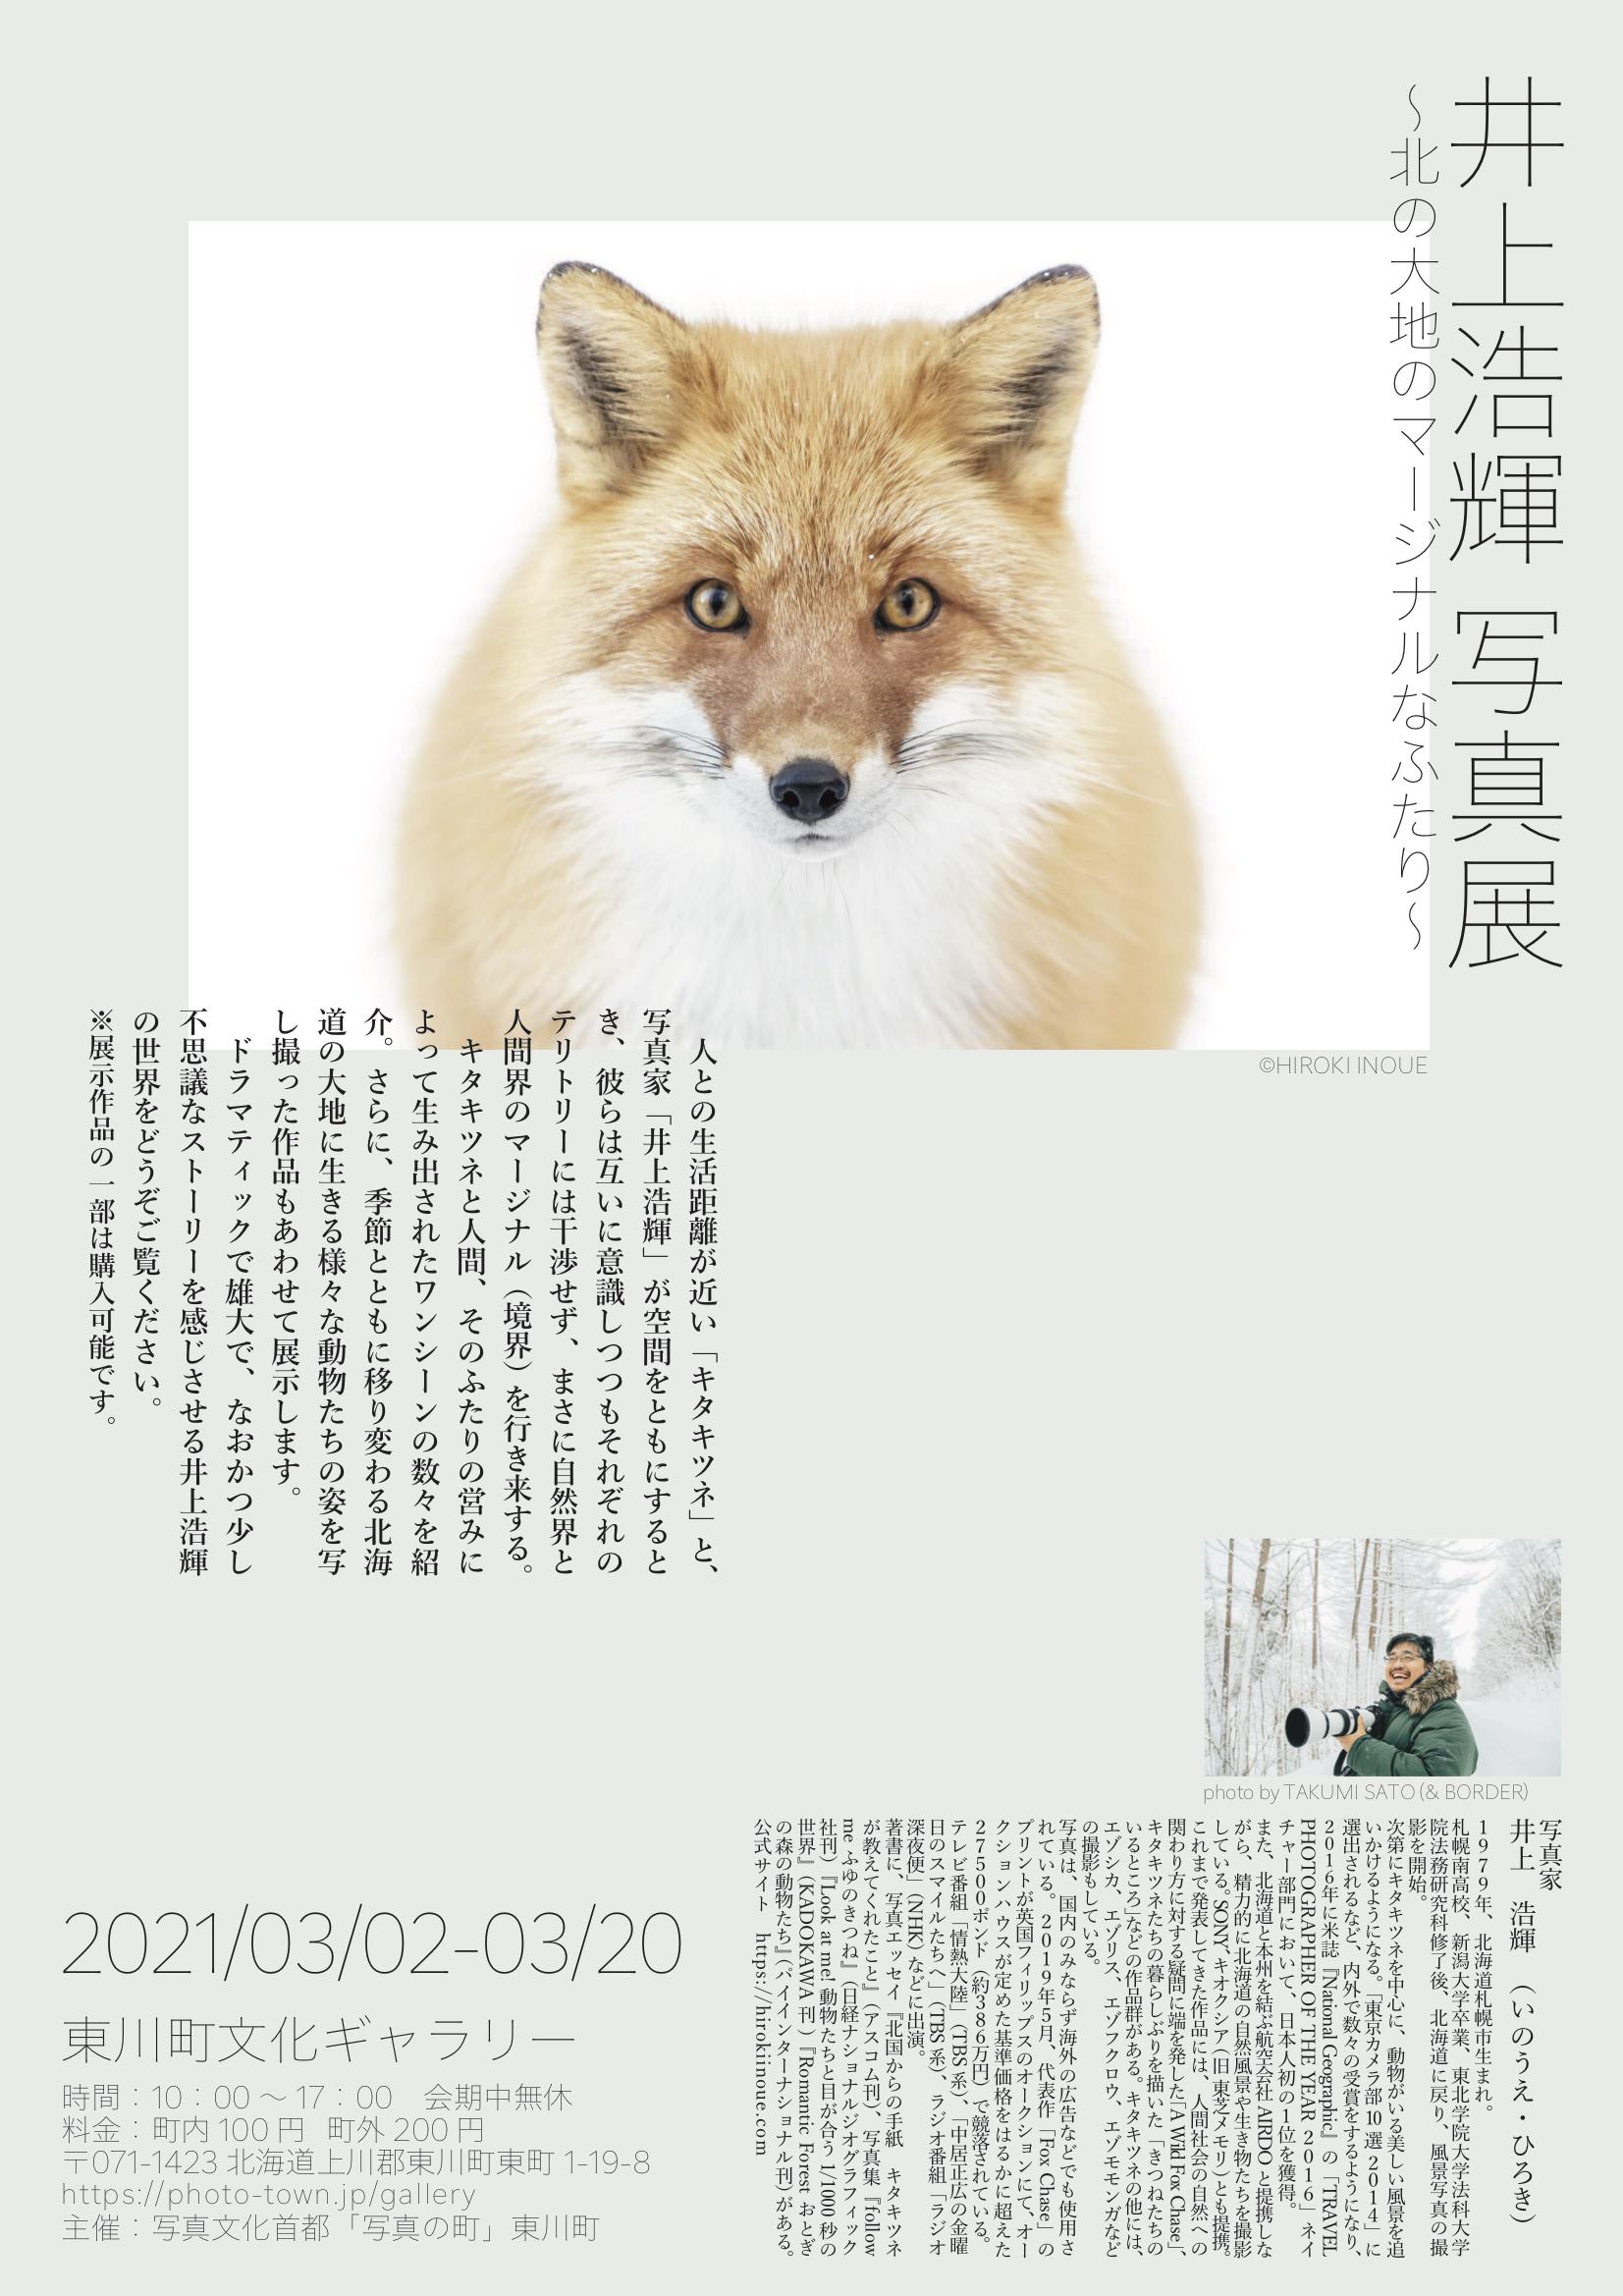 井上浩輝写真展「〜北の大地のマージナルなふたり〜」